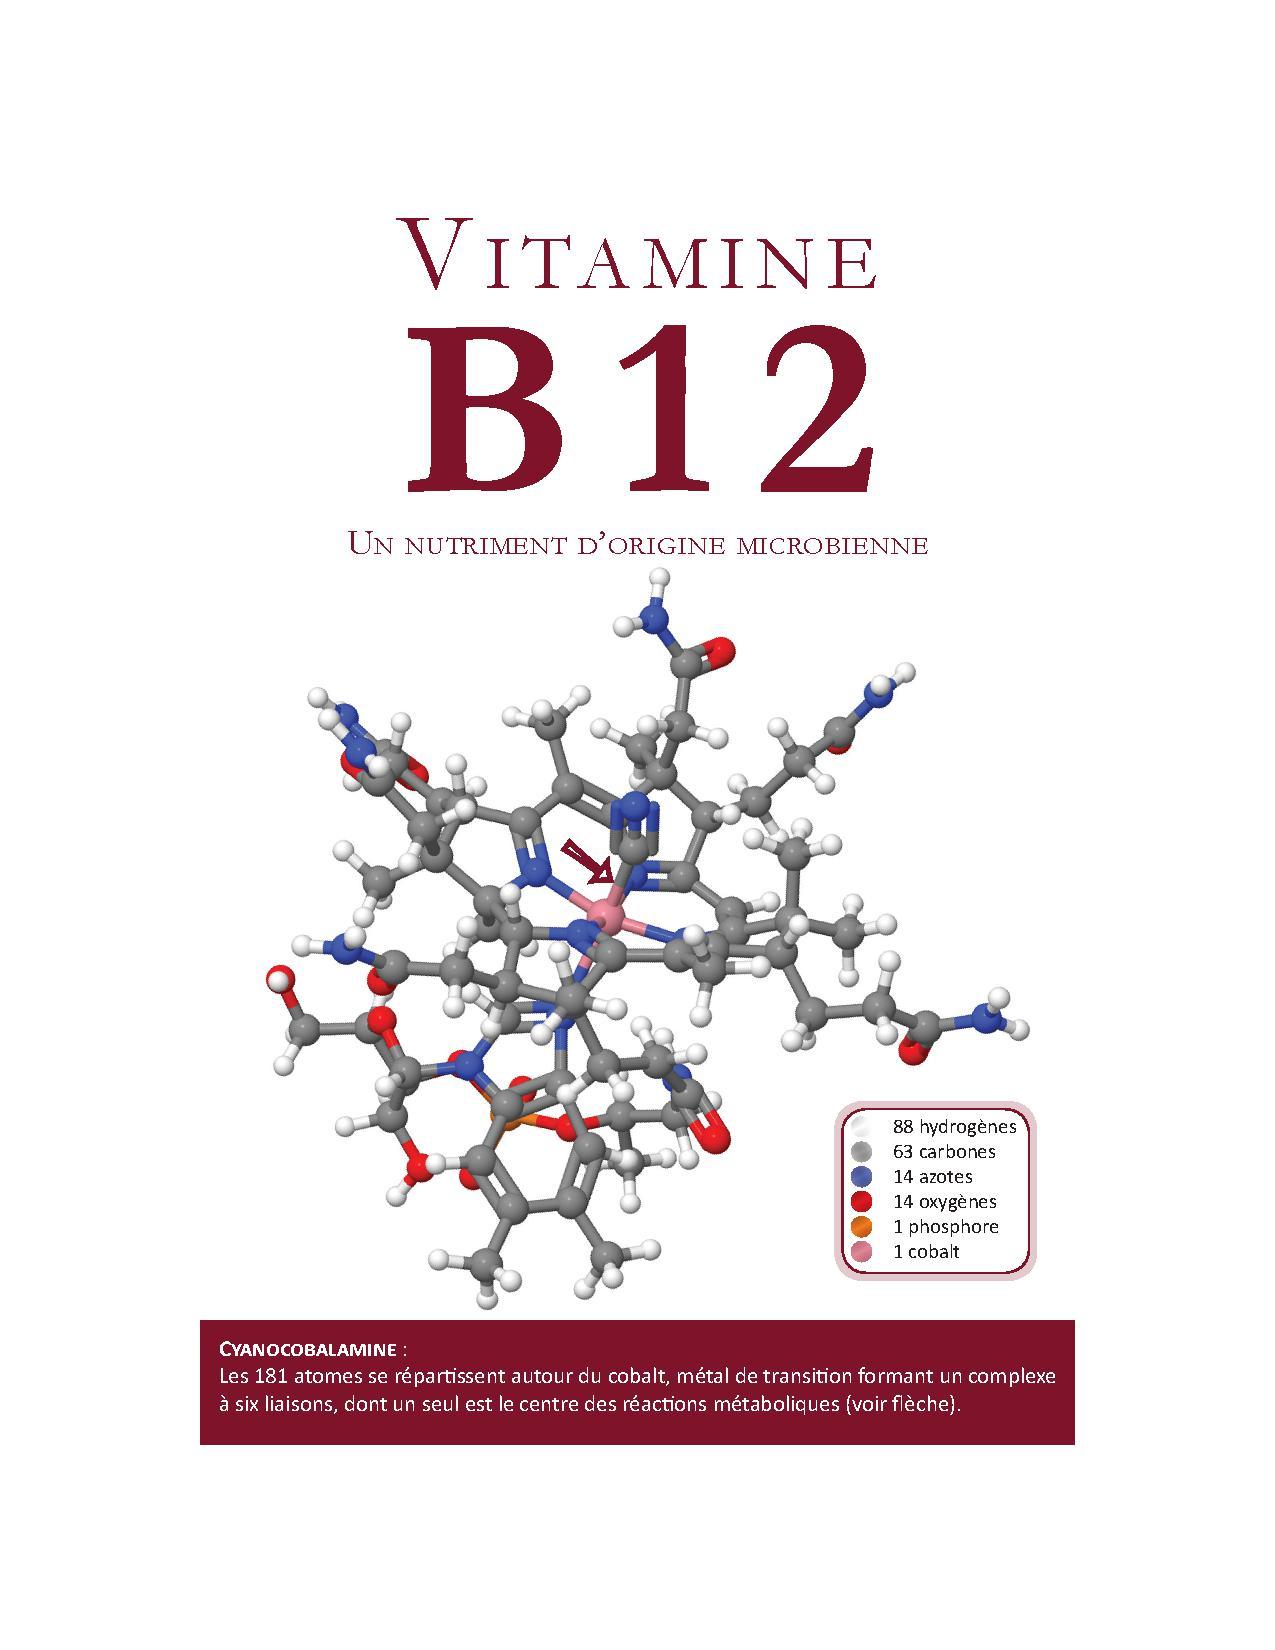 Brochure sur la vitamine B12 pour les professionnels de la santé